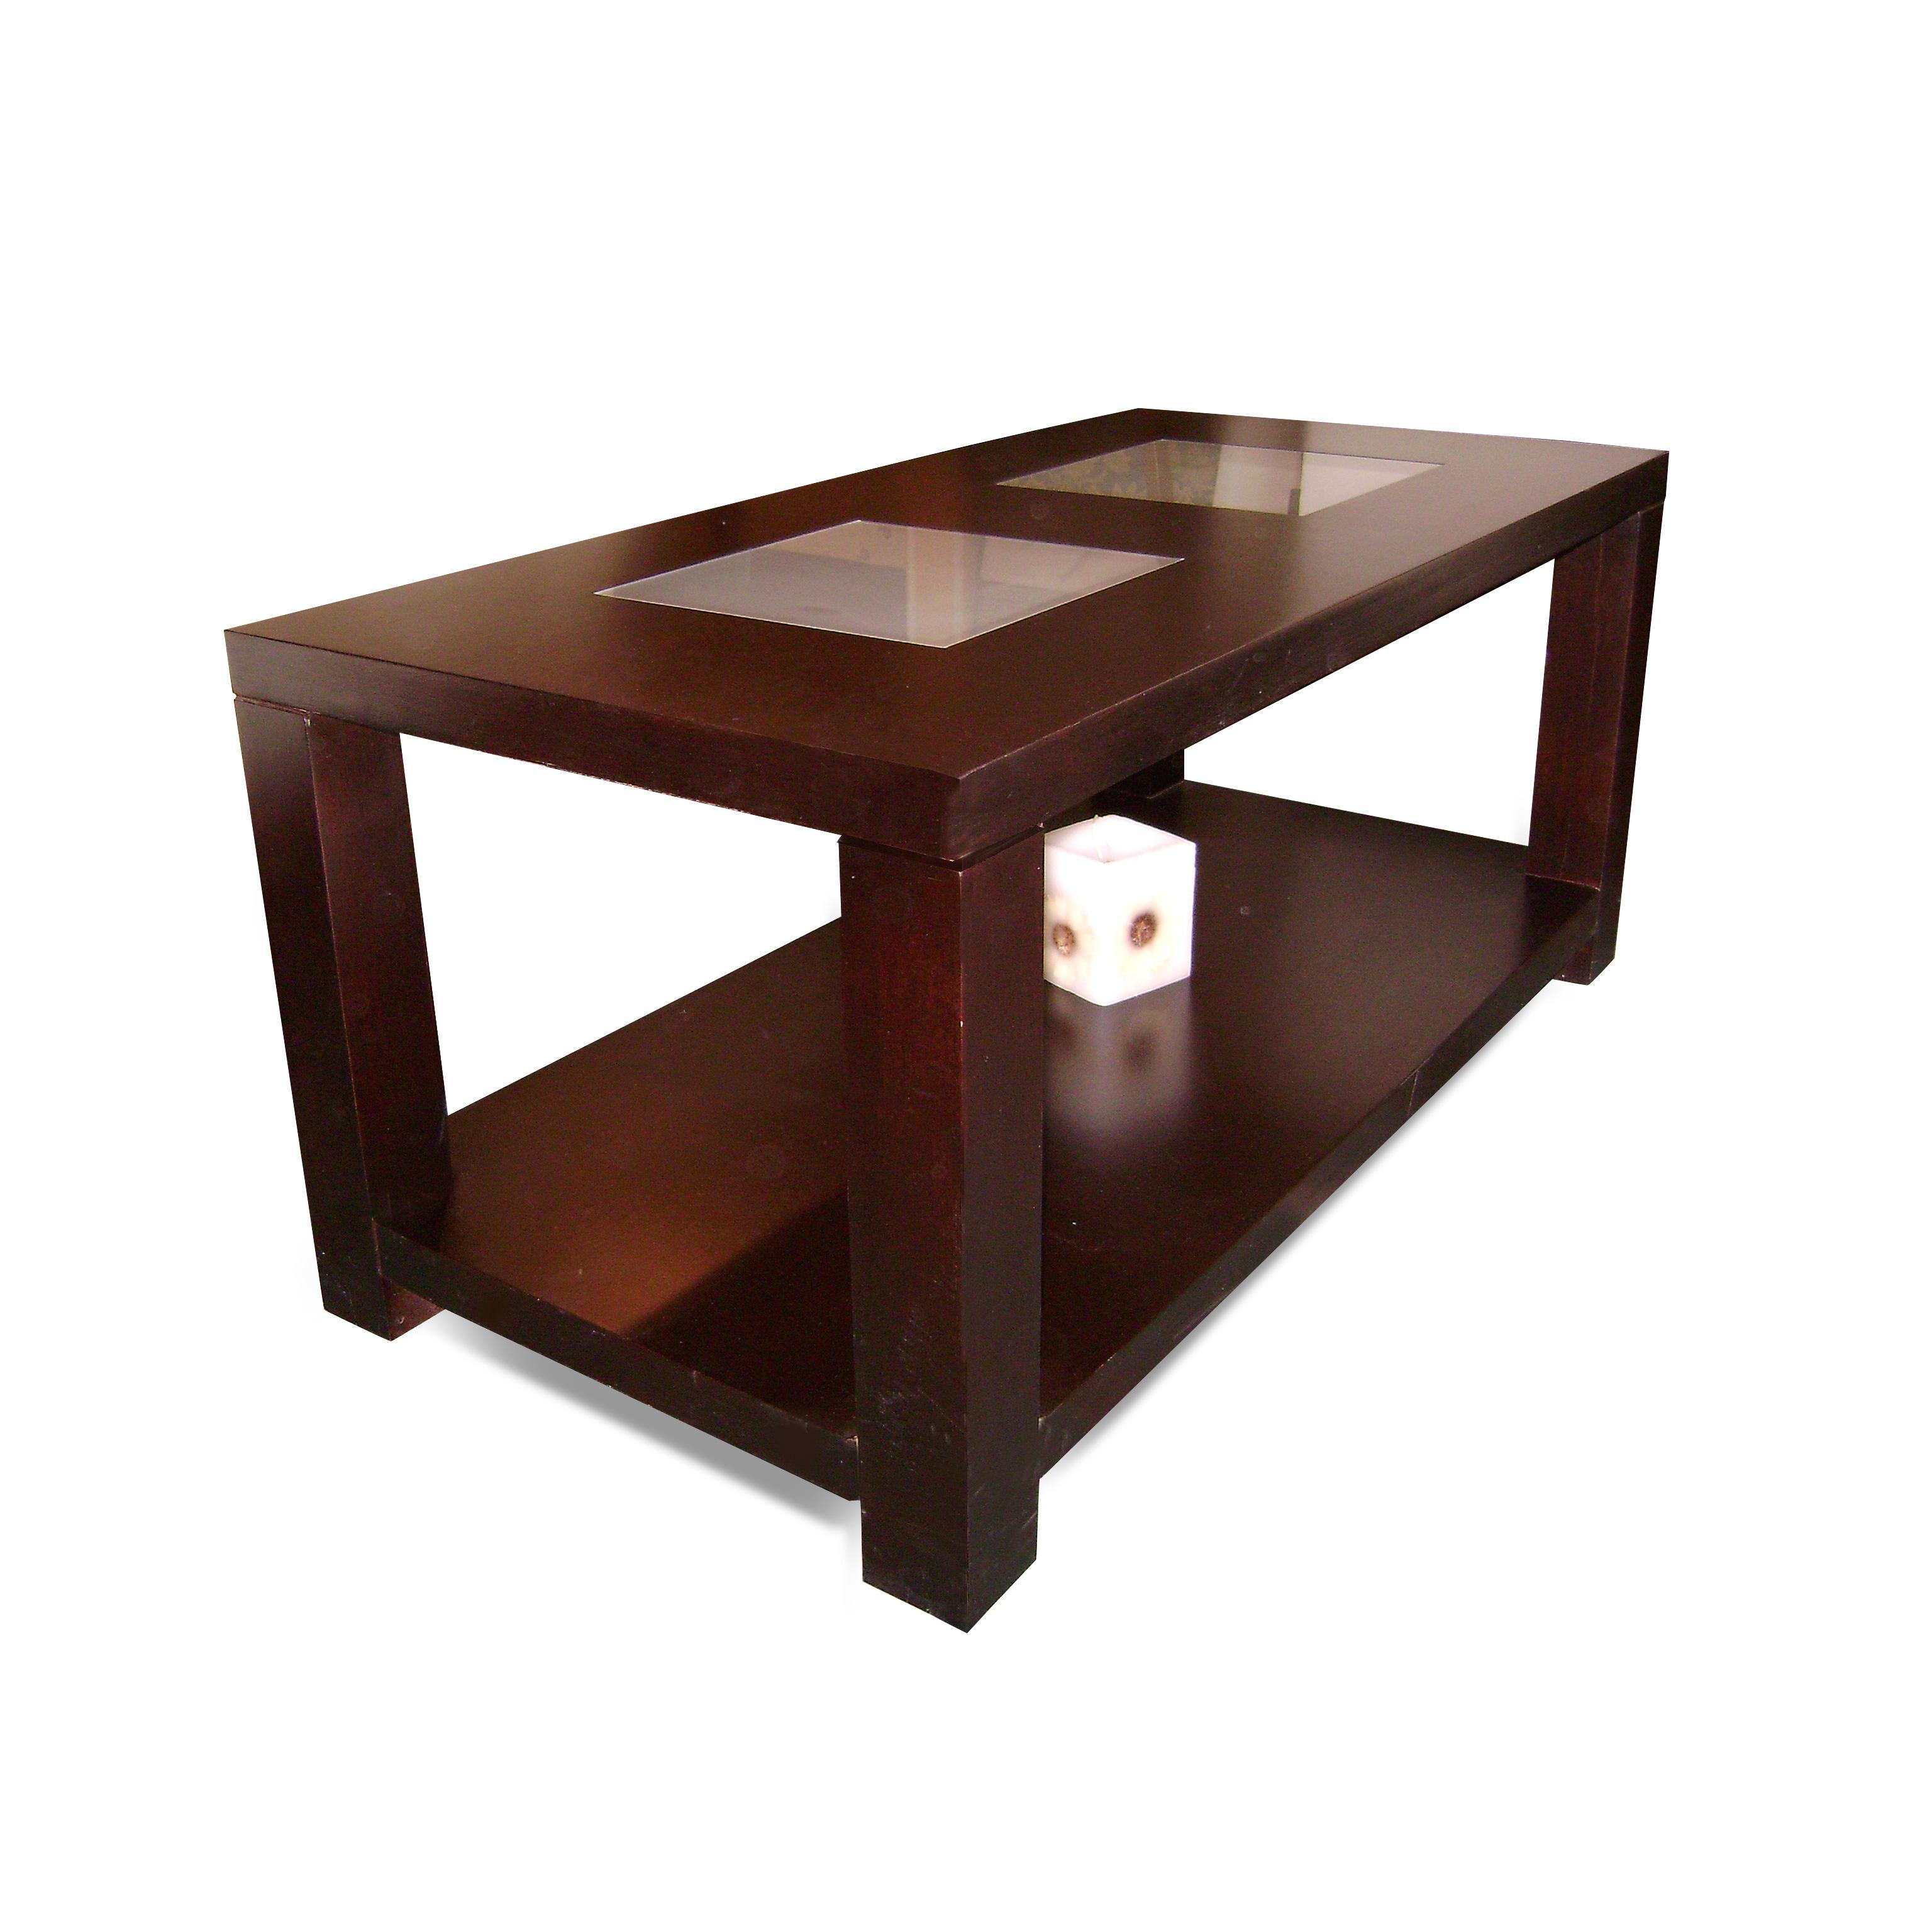 Mesa ratona valentia vidrio f brica de muebles grupo veta for Mesas de vidrio de diseno